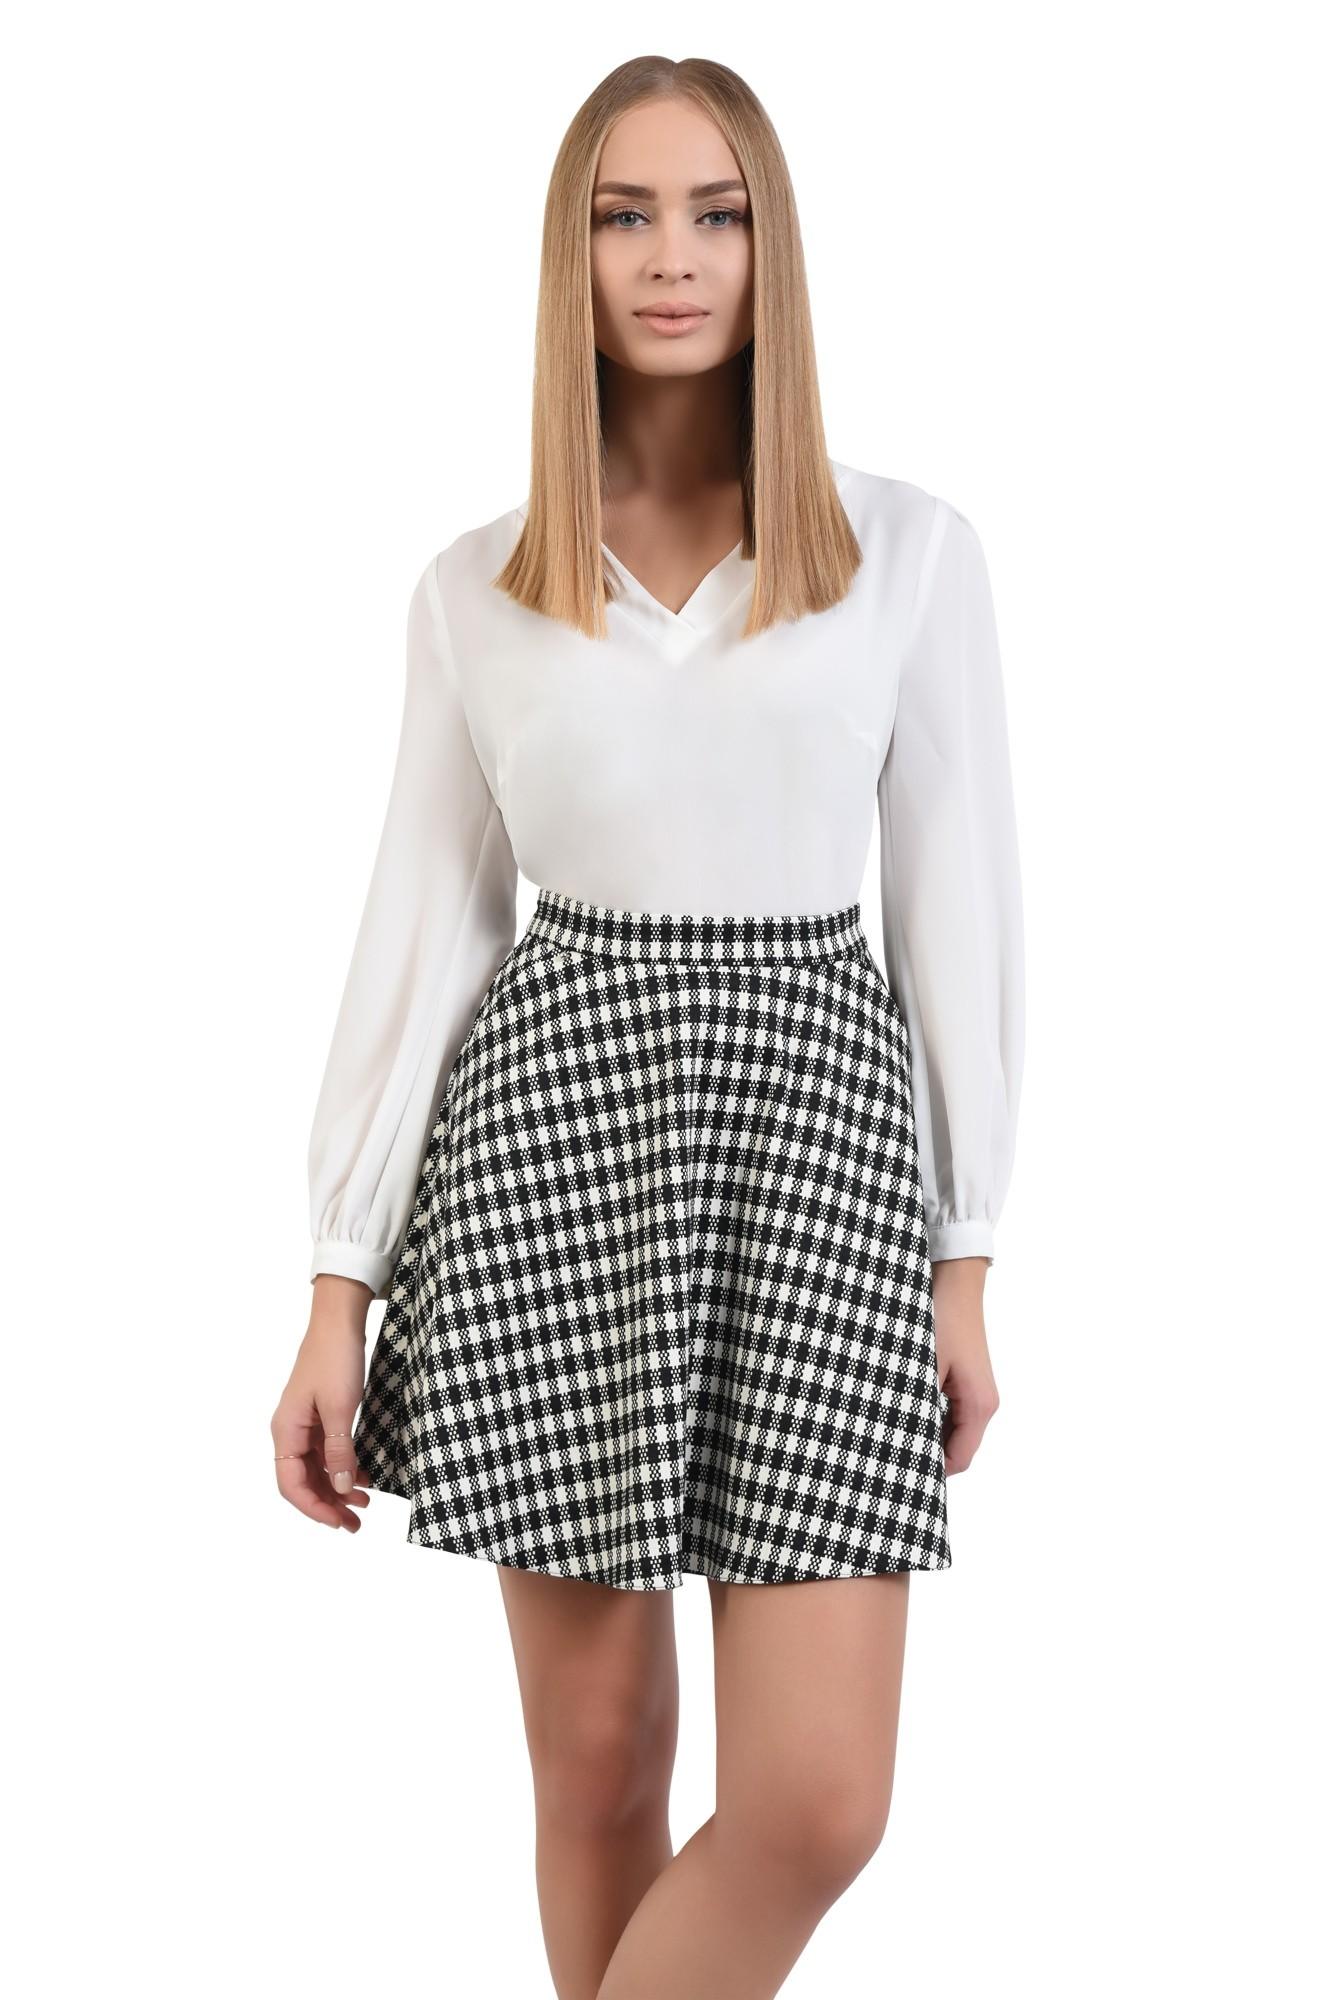 0 - fusta casual, bie, alb-negru, carouri, imprimeu